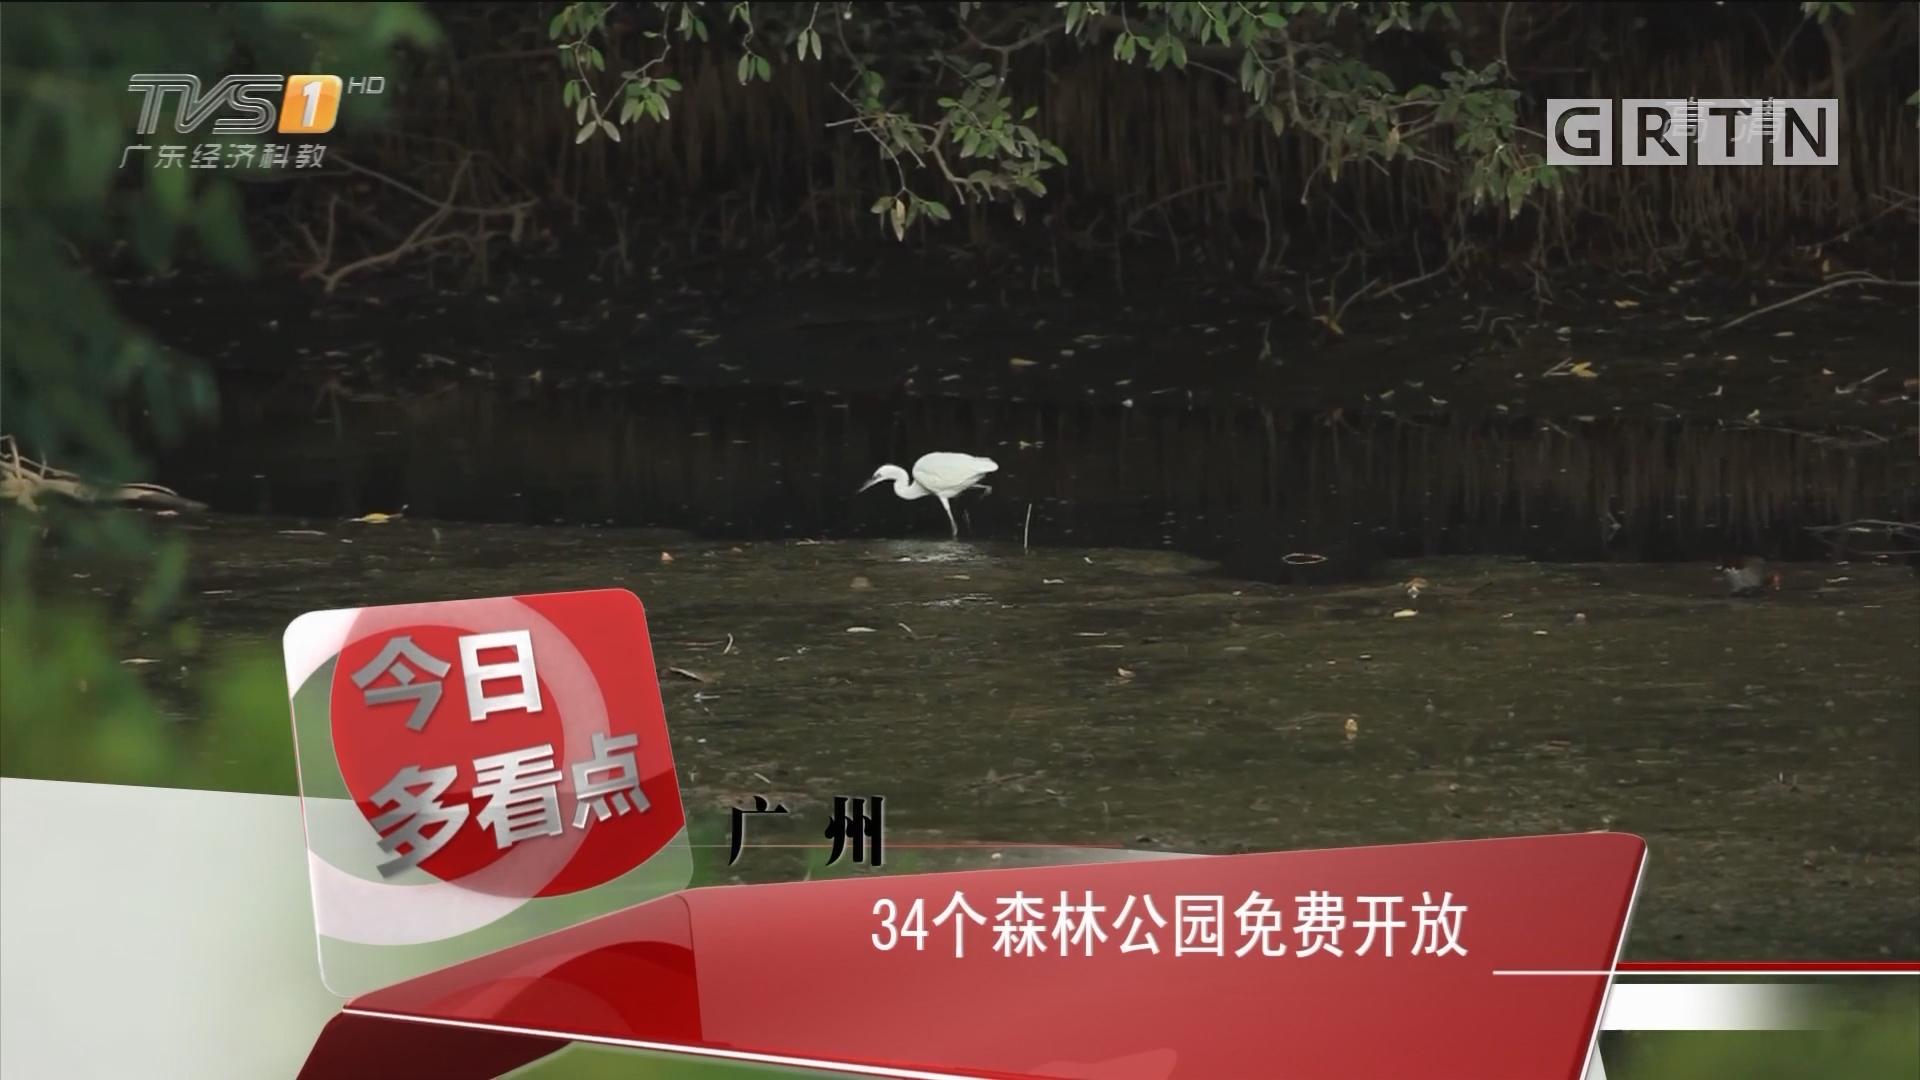 广州:34个森林公园免费开放